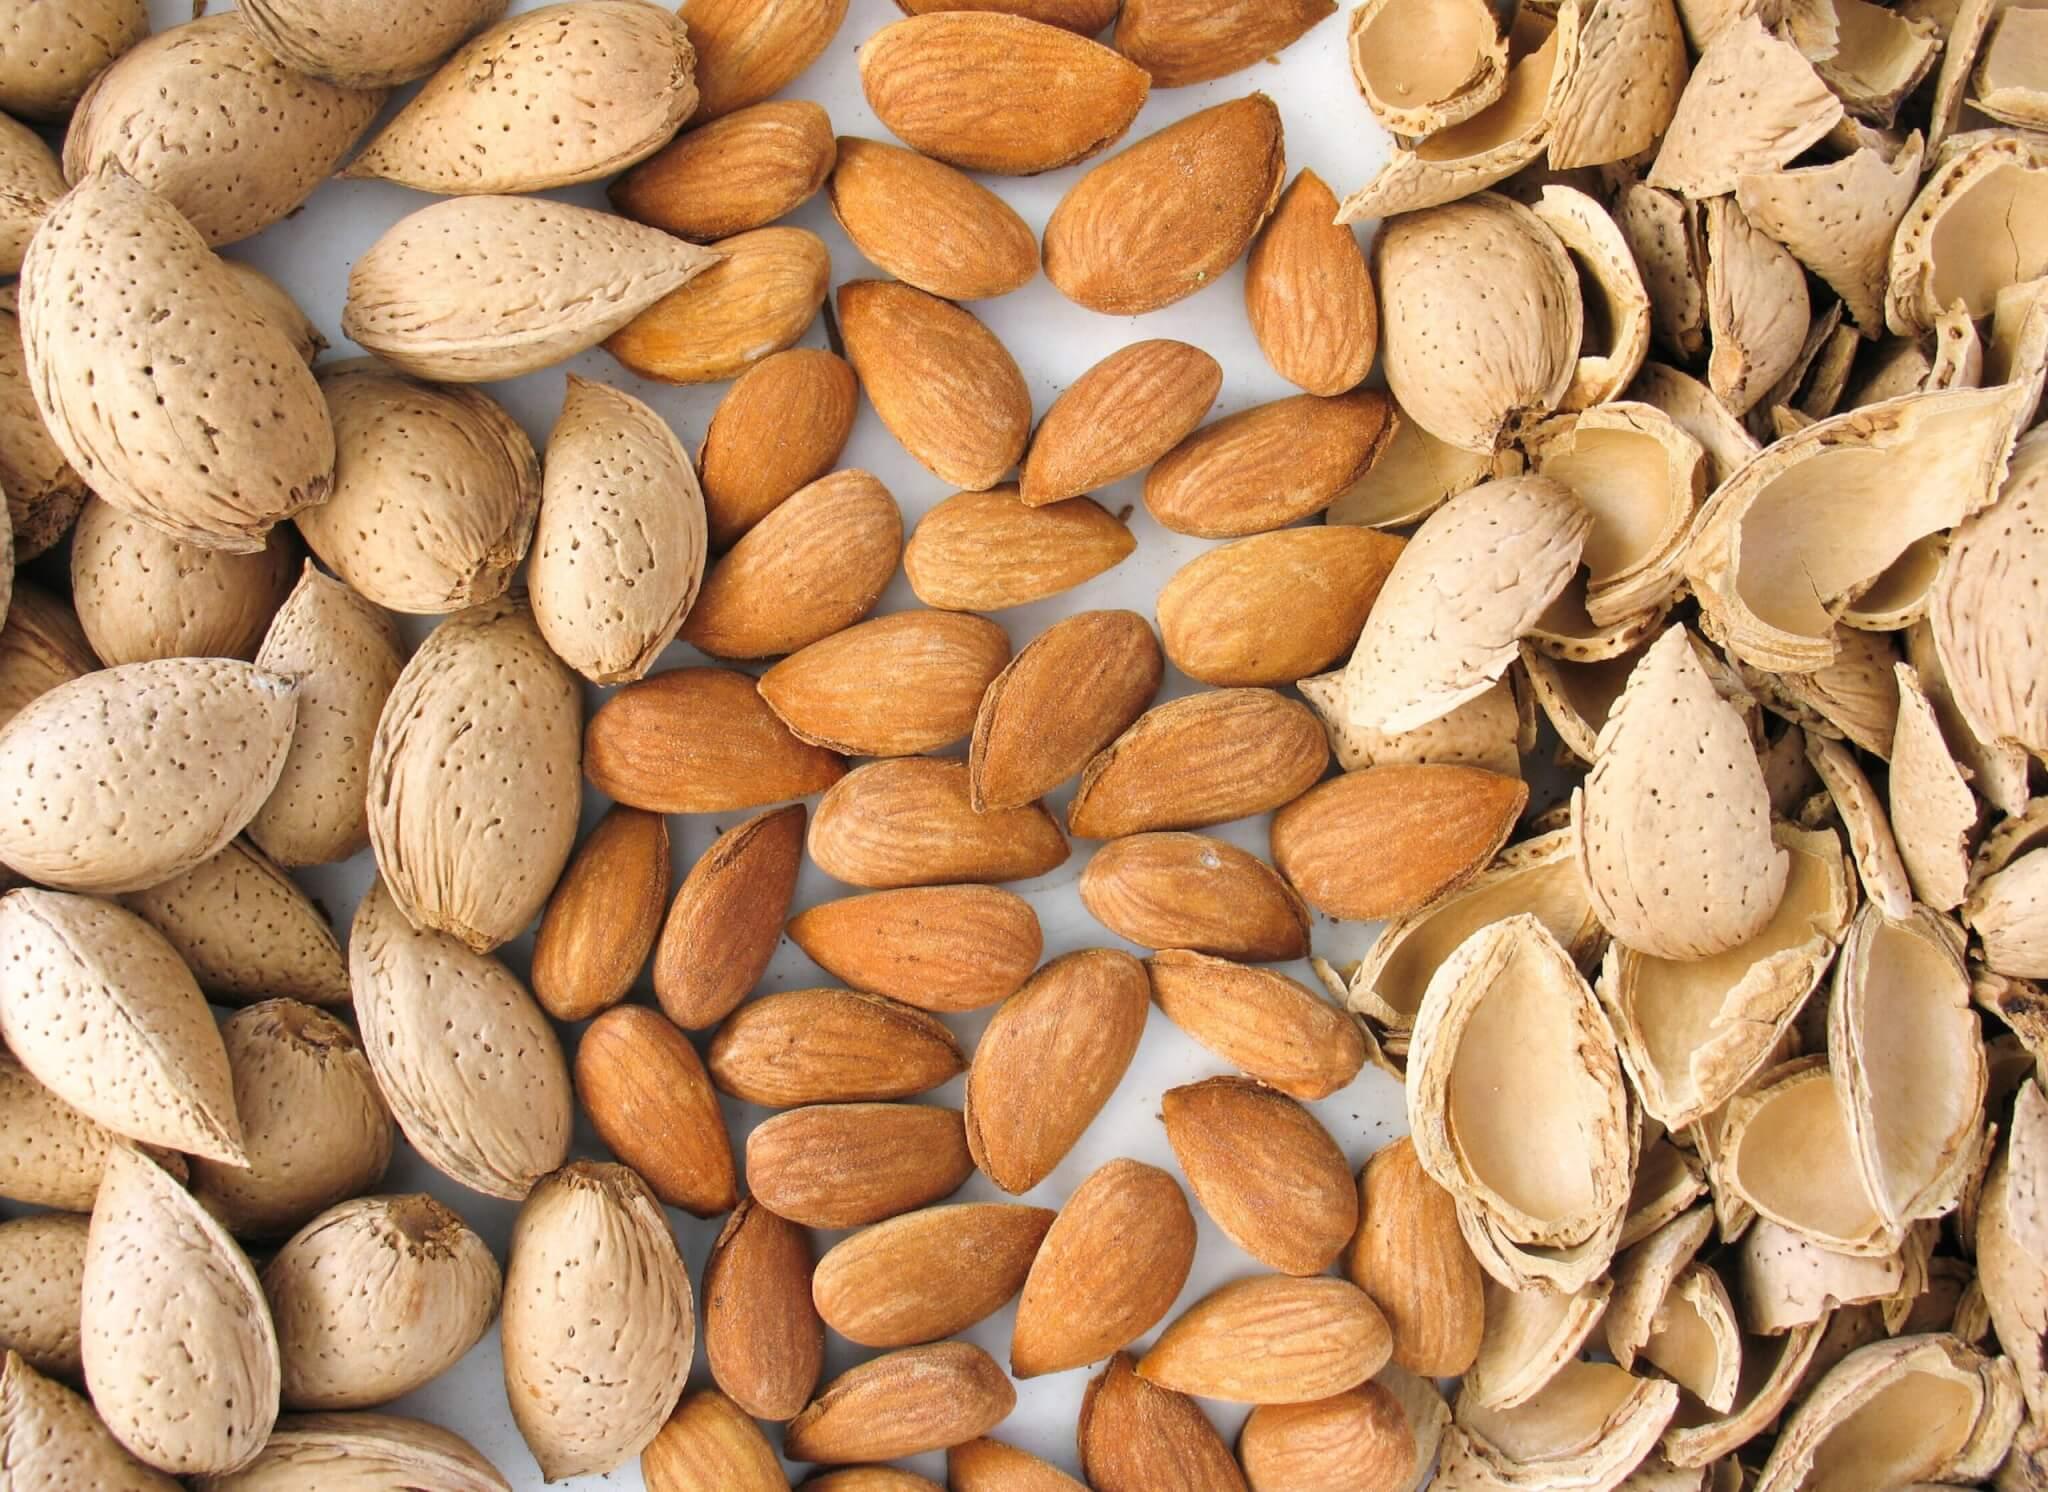 Hạnh nhân là loại hạt được sử dụng nhiều với tác dụng giảm mỡ bụng